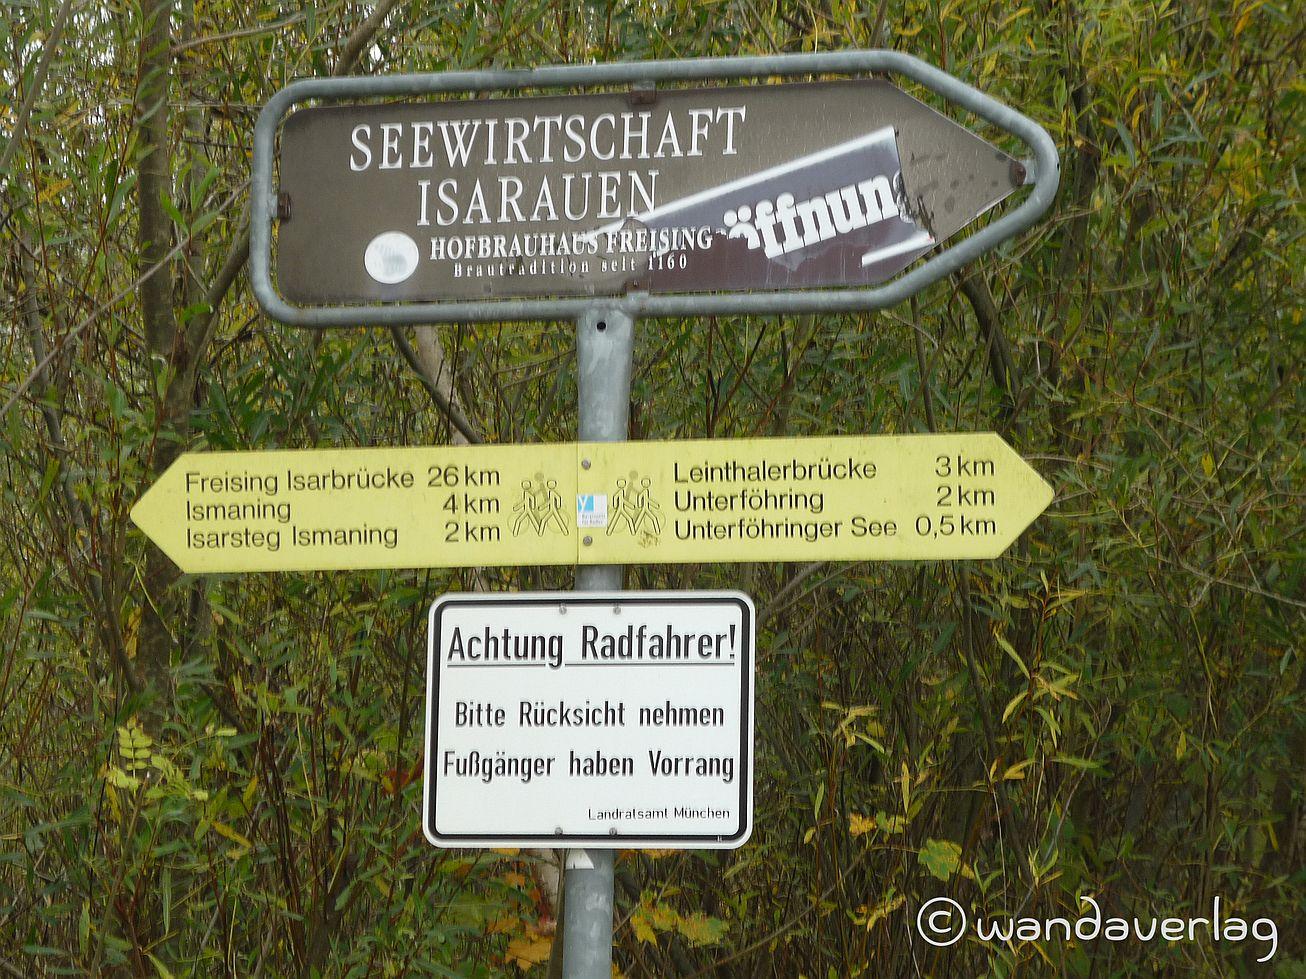 Famileinausflug - Der Rundweg vom Poschinger Weiher durch die Isar-Auen